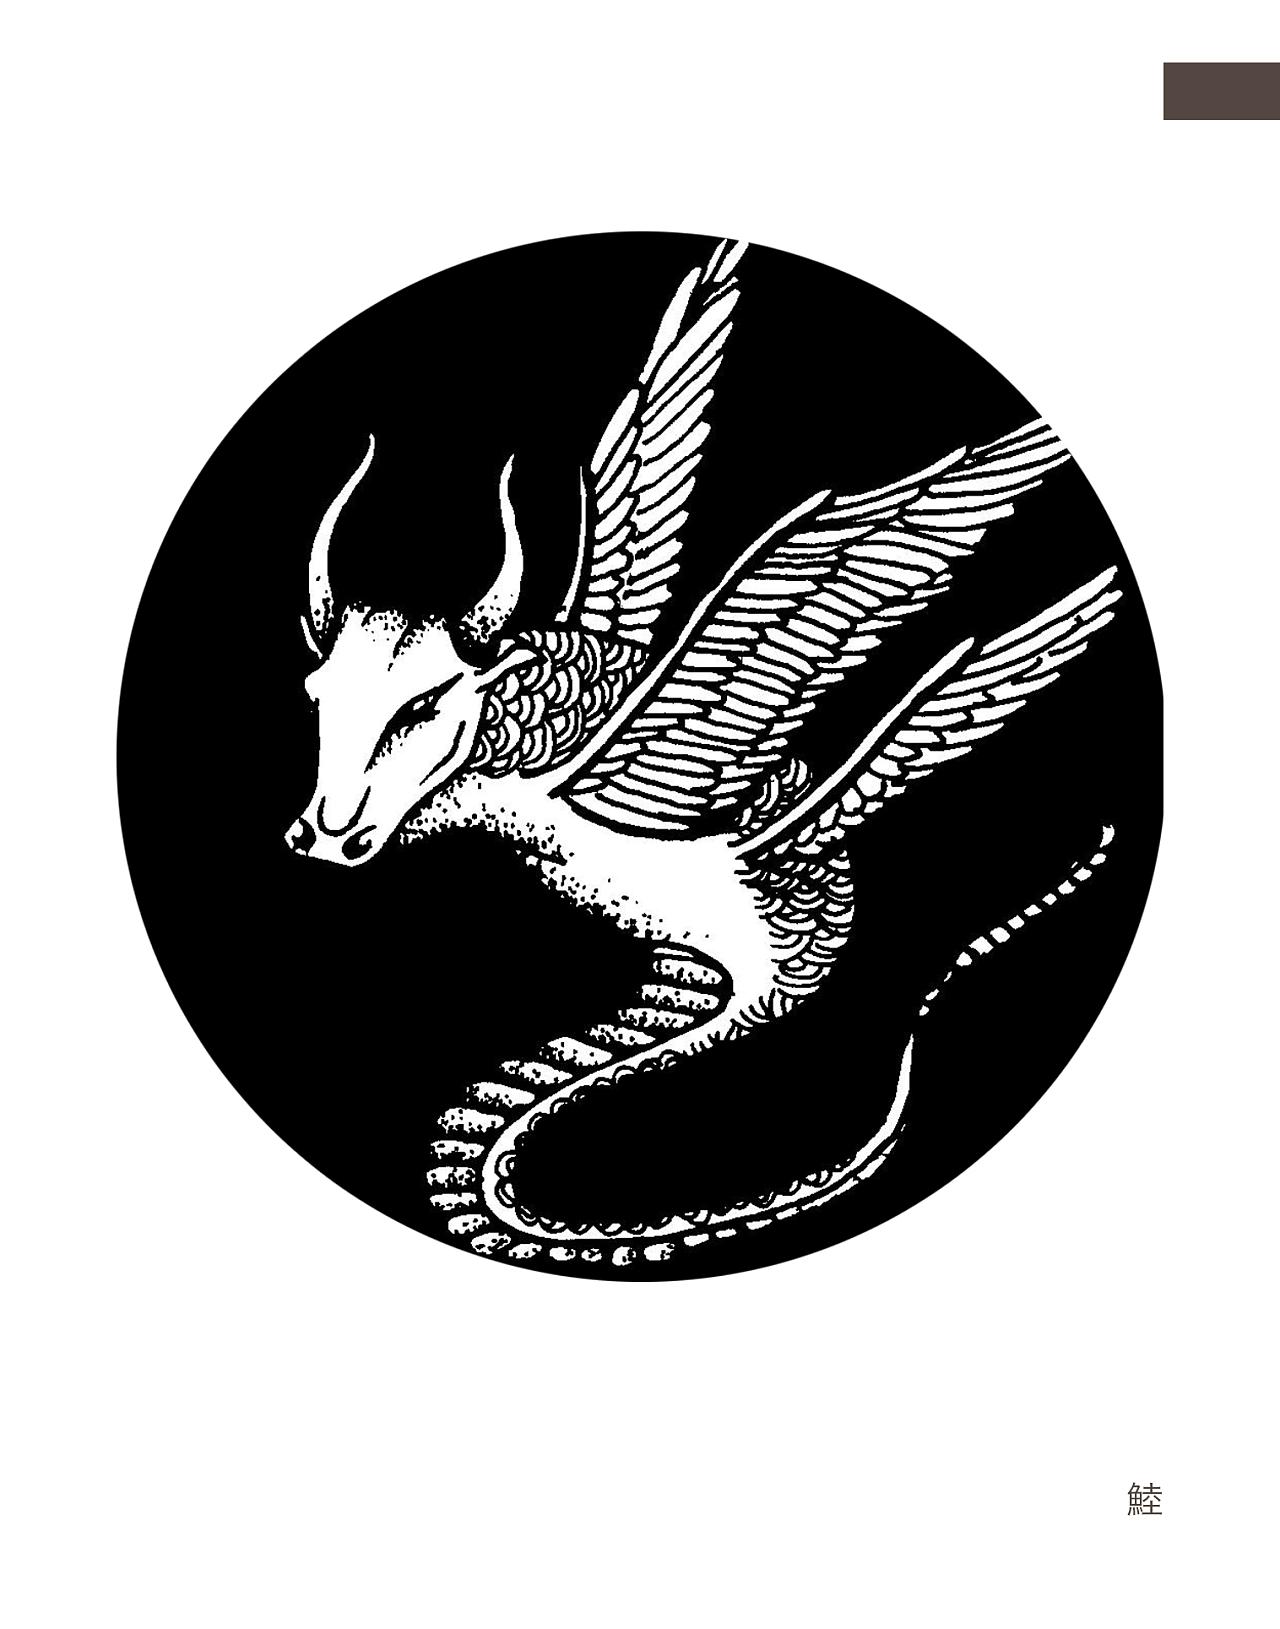 主要表现形式是黑白插画    图片